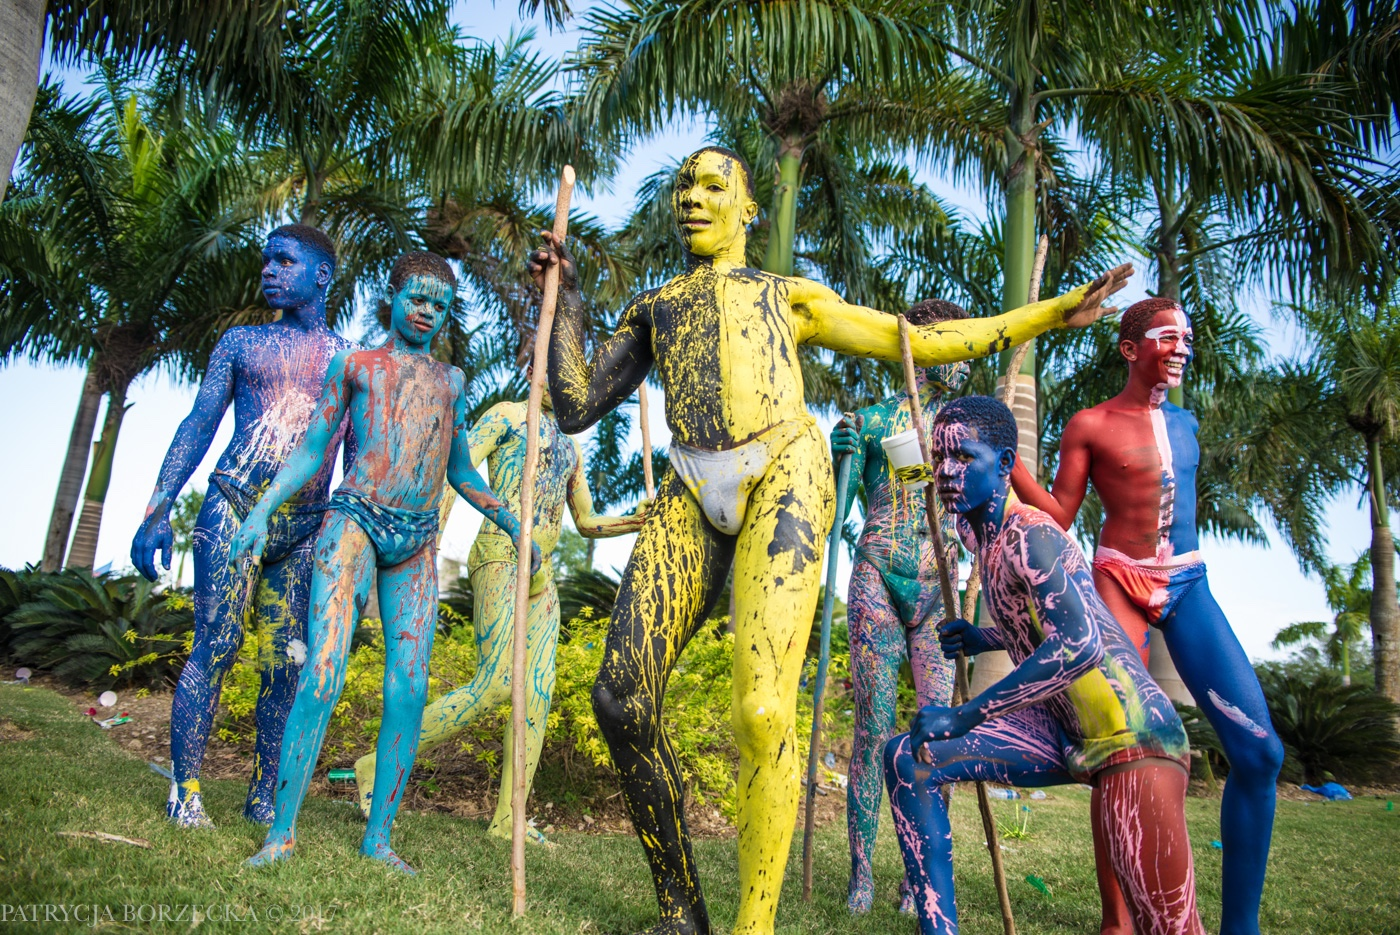 PatrycjaBorzecka-Photo-Carnival-Punta-Cana13